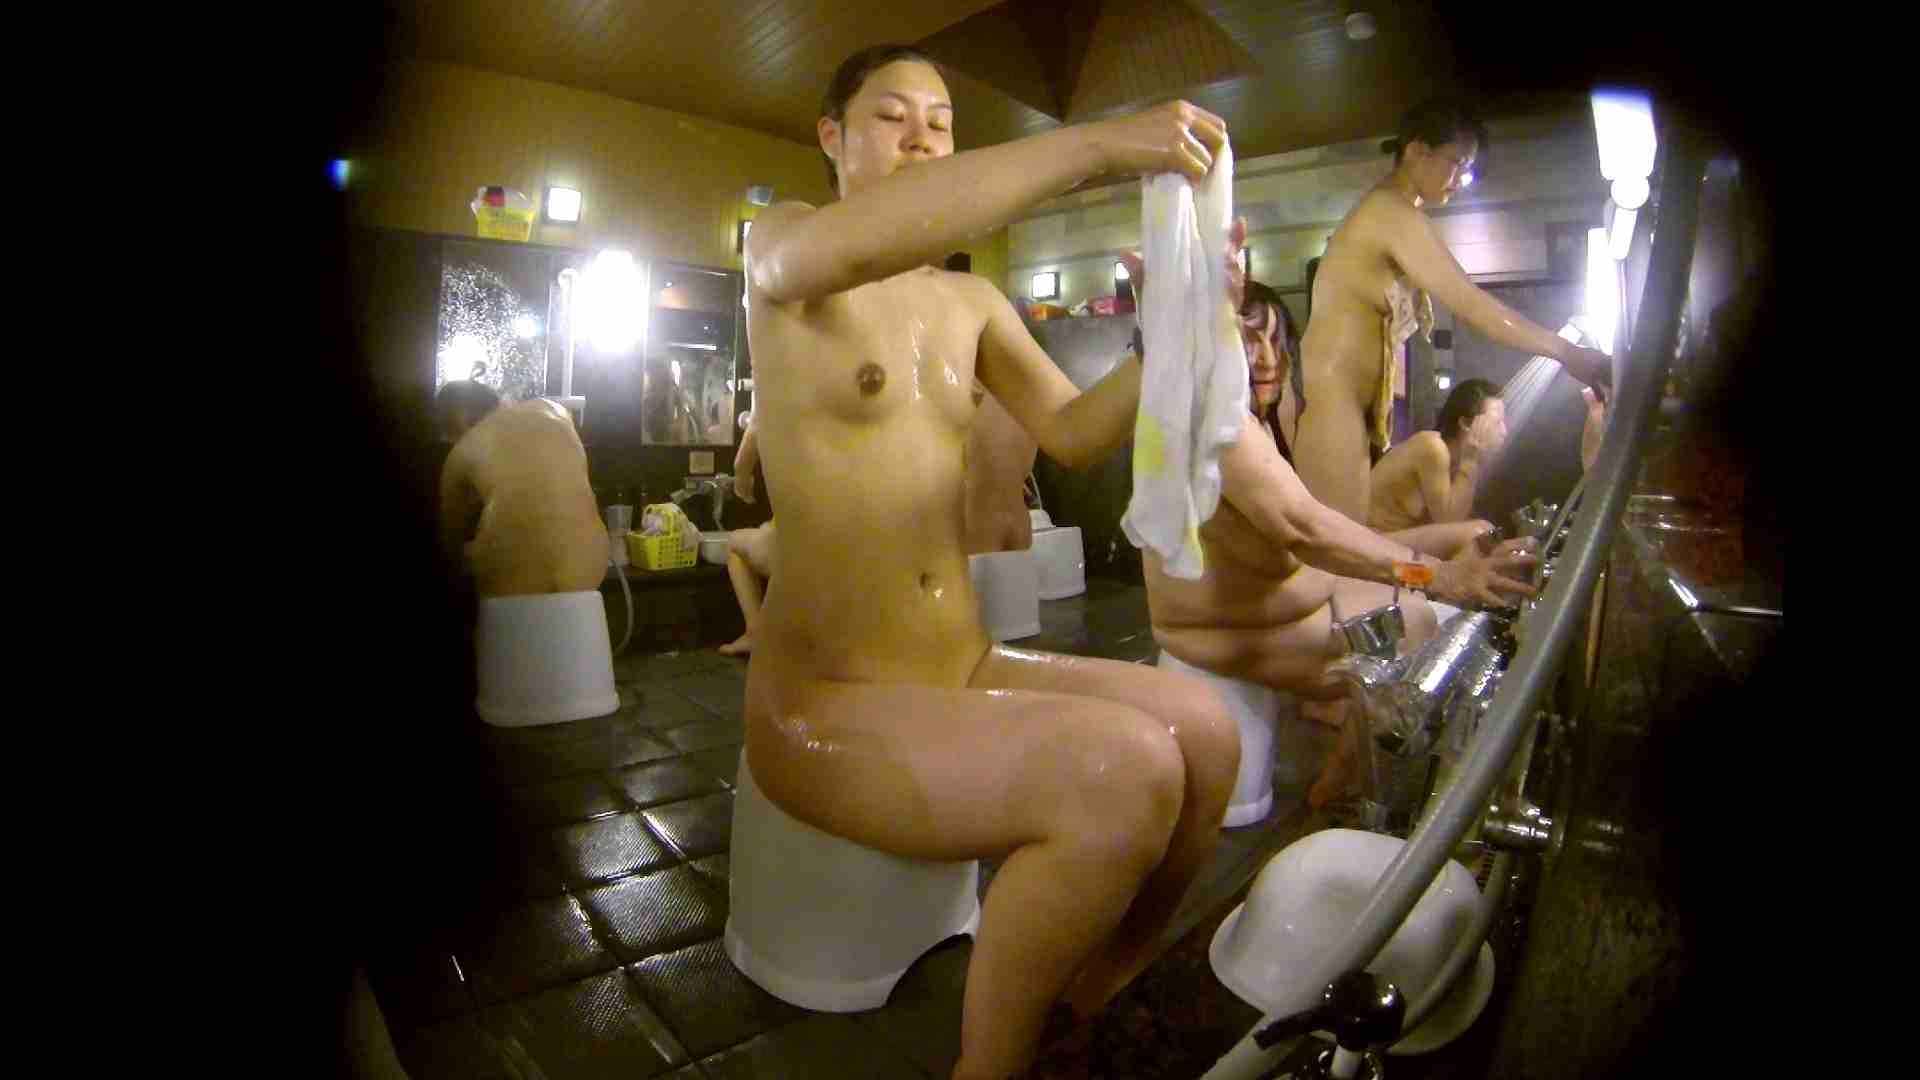 追い撮り!脱衣~洗い場、徹底追跡!撮り師さんに拍手!! 桃色乳首 AV無料 78画像 57